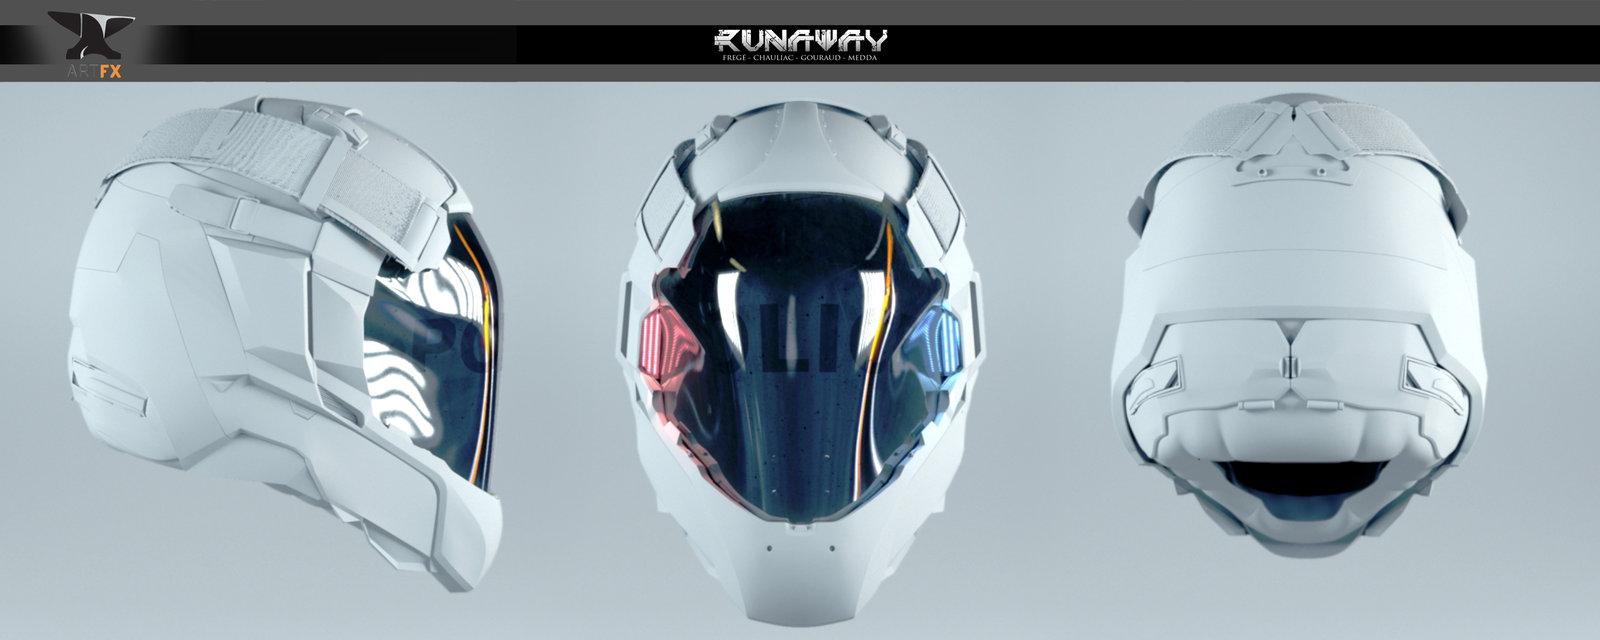 Runaway - Police Helmet